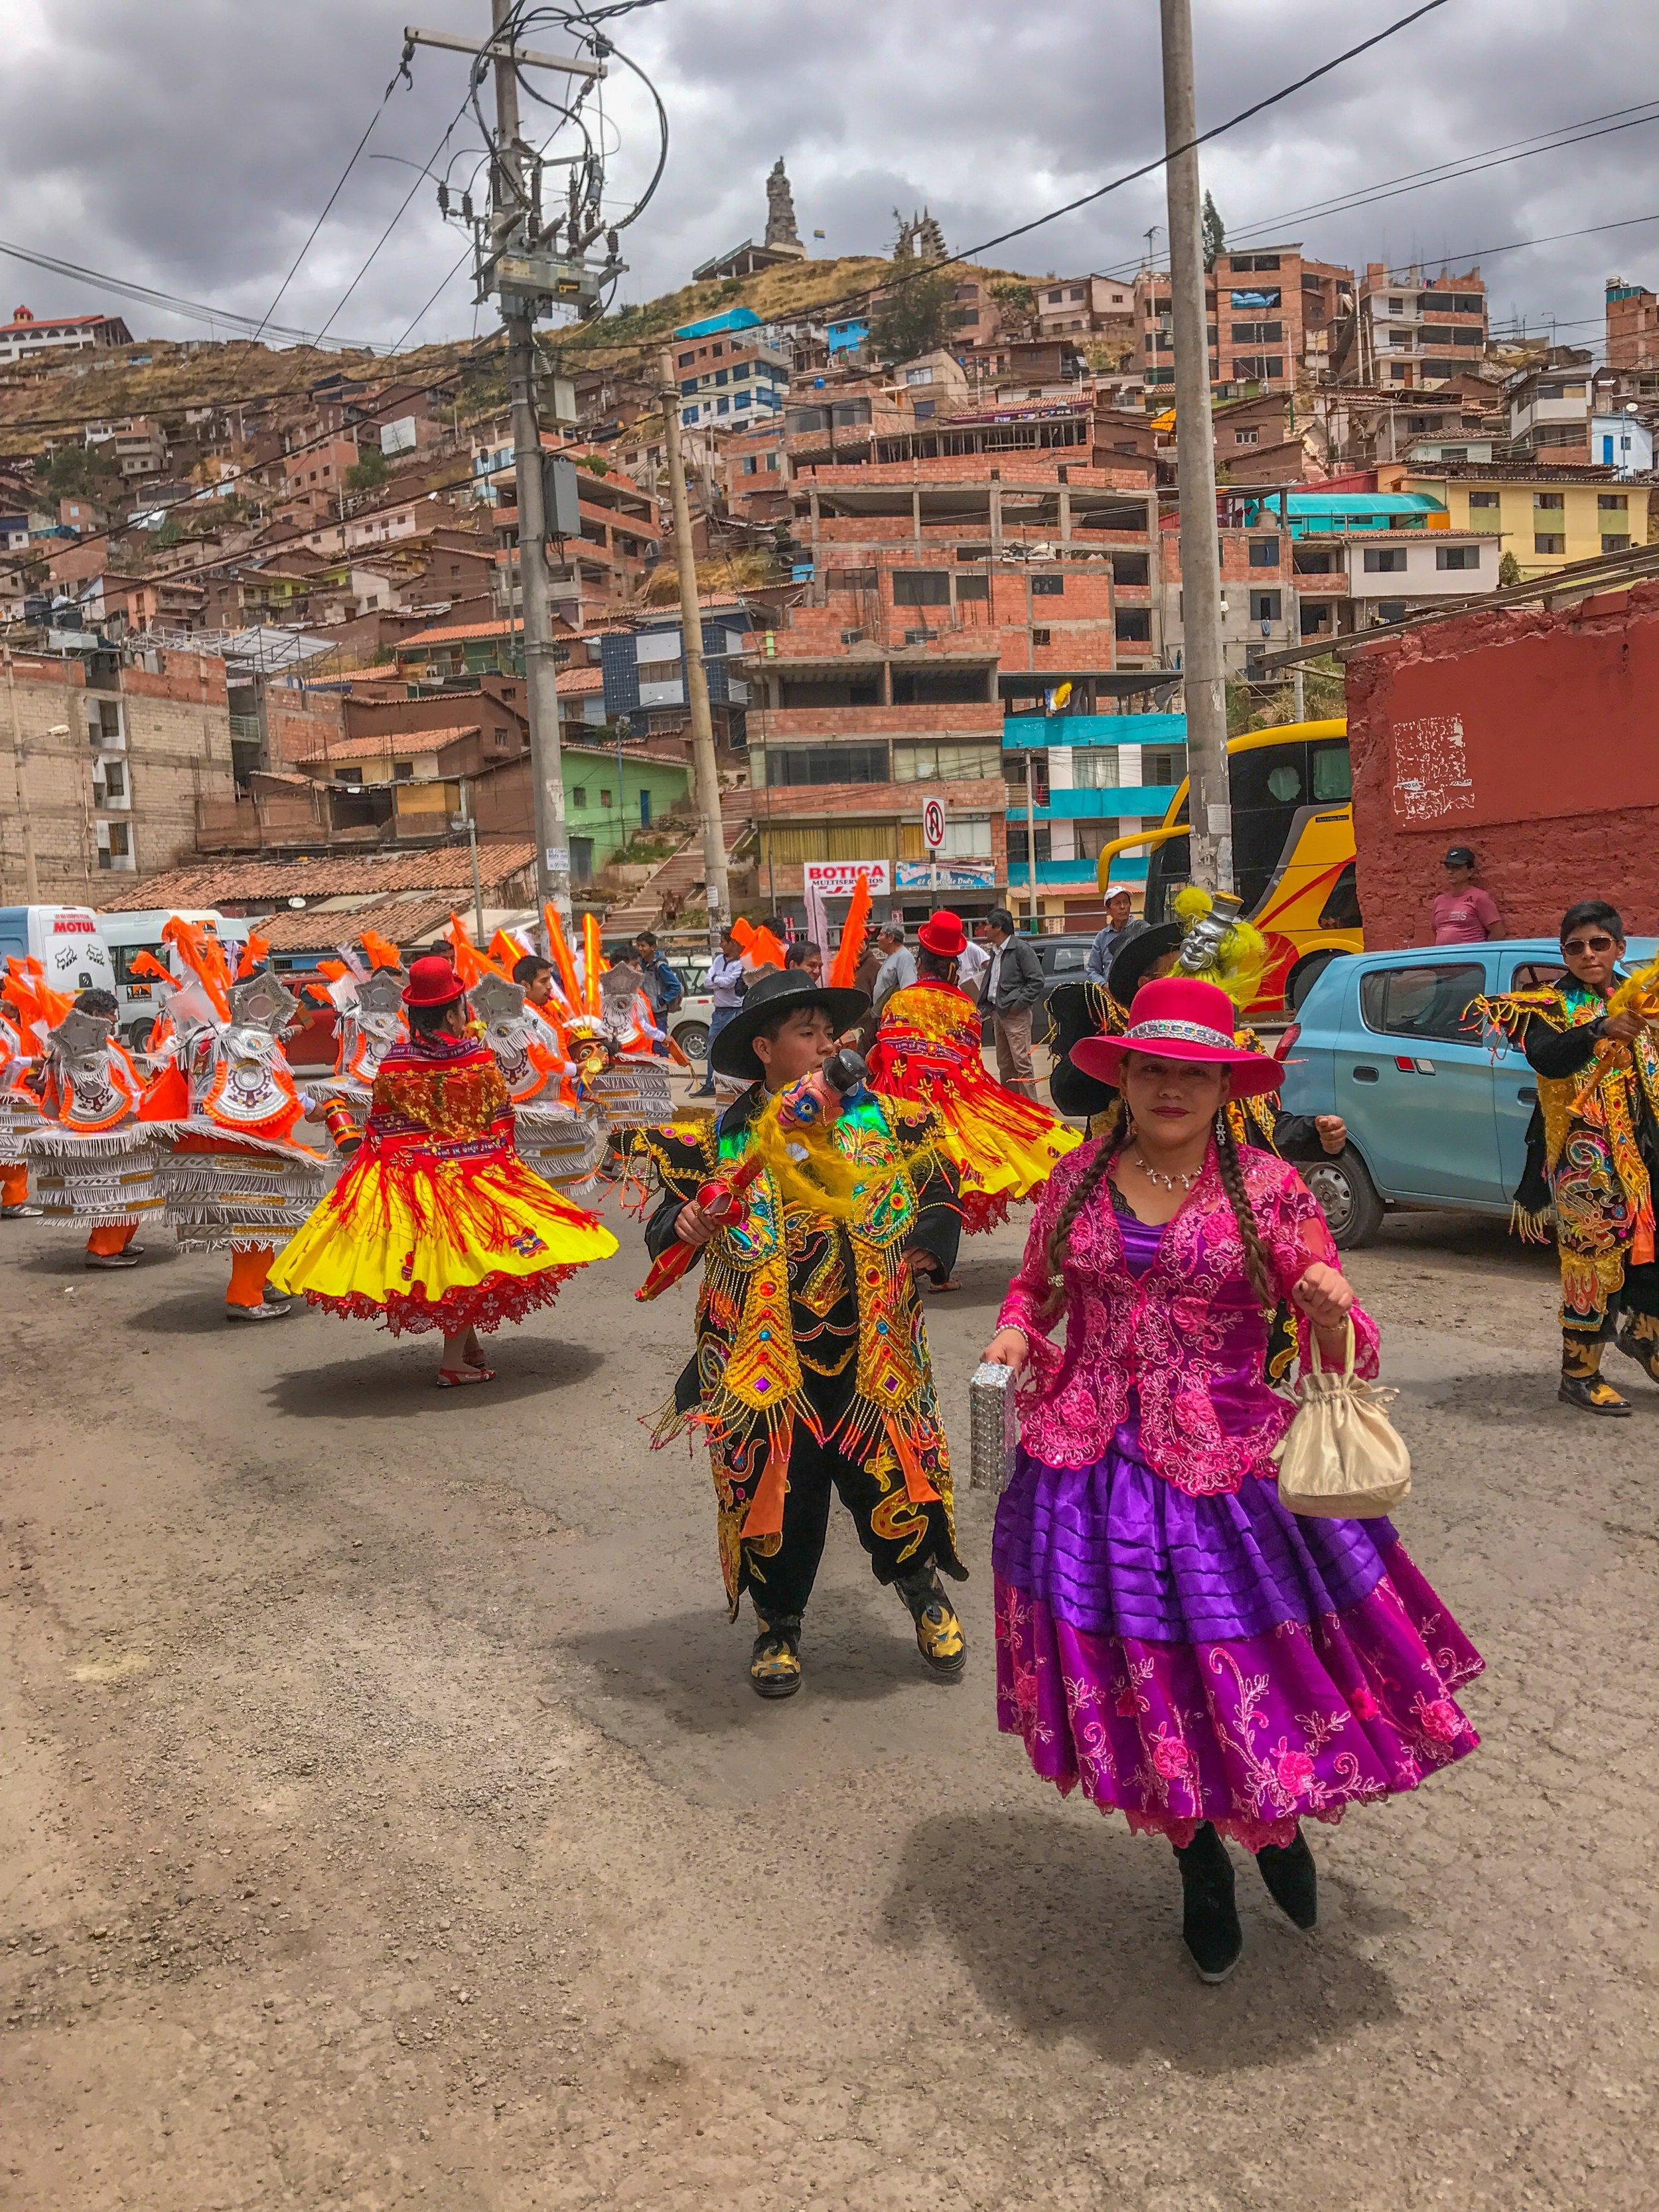 Parade through Cusco